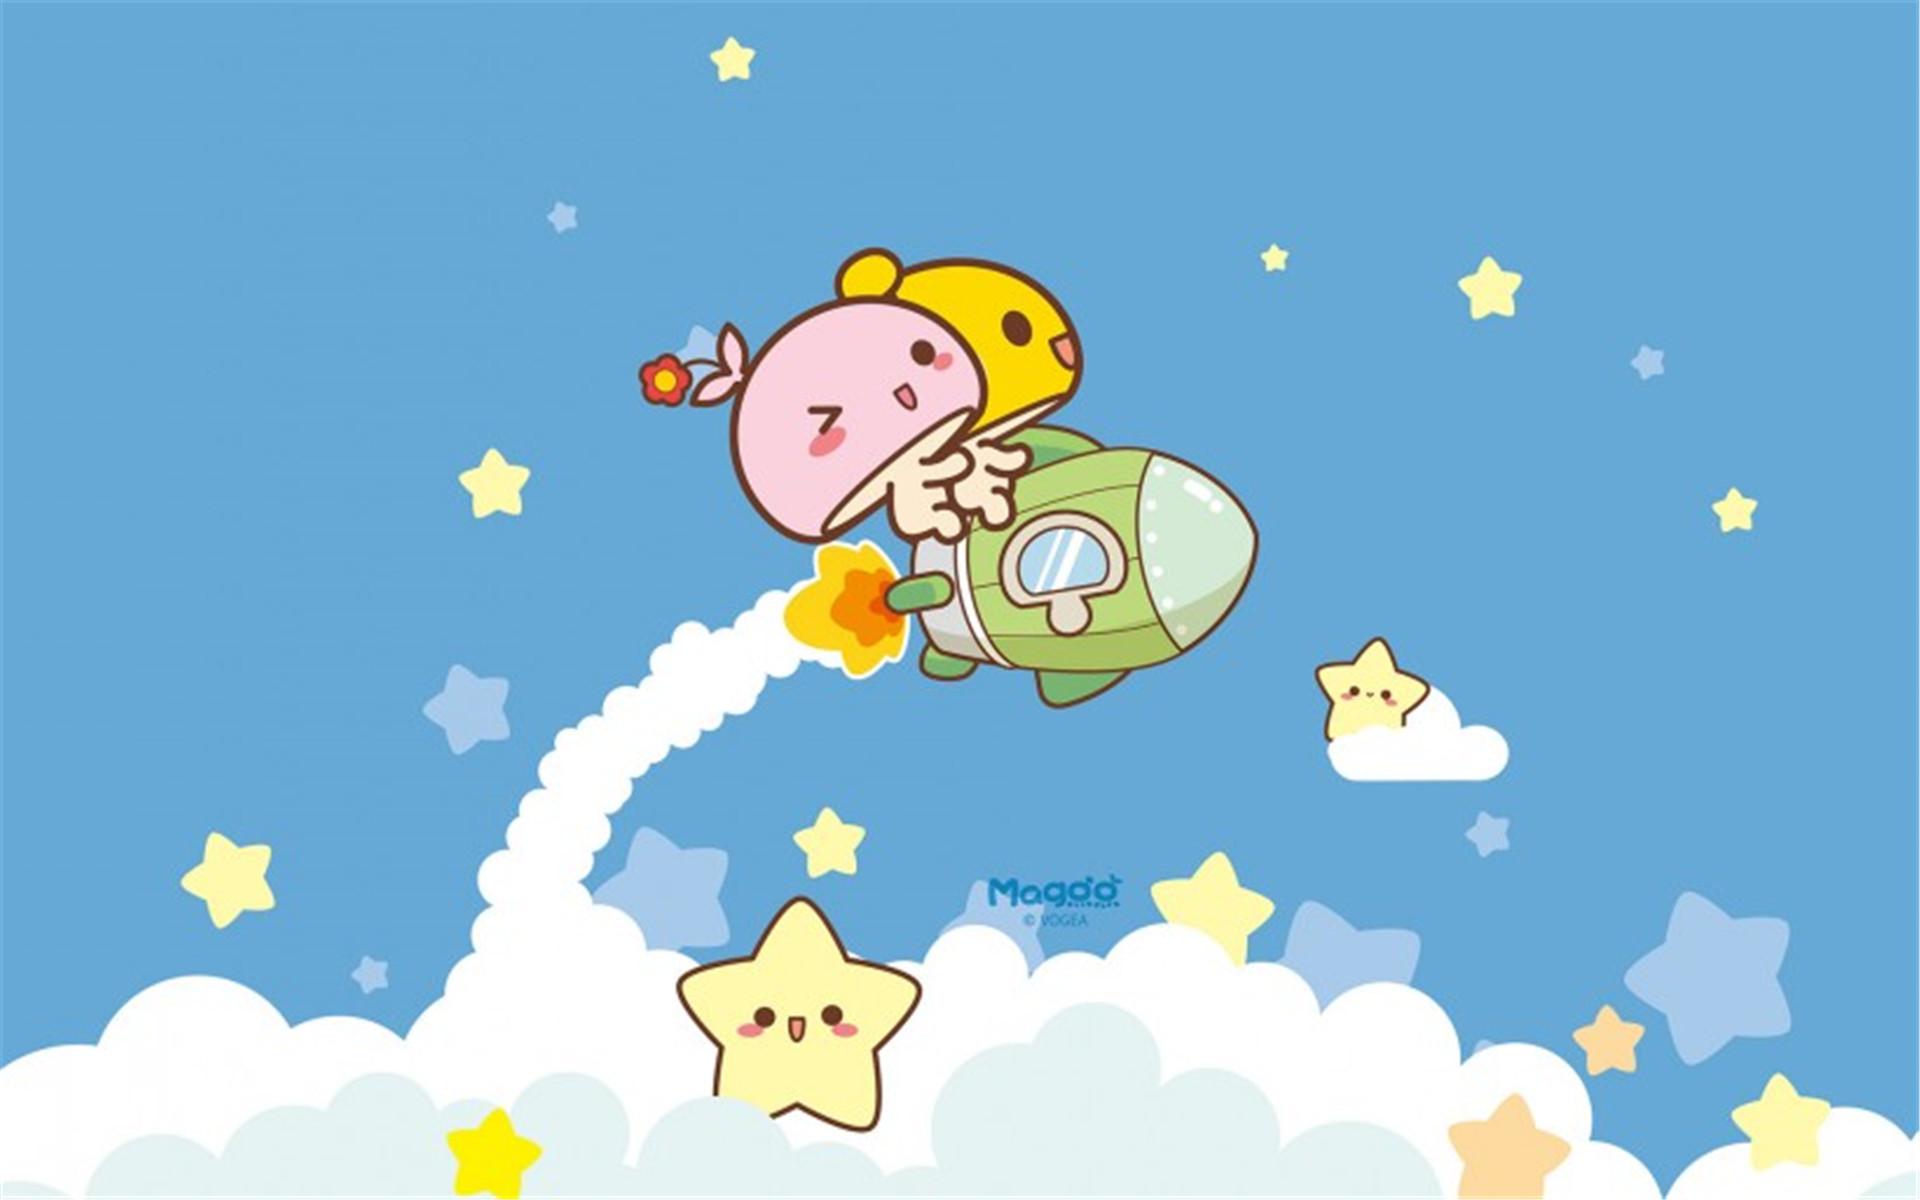 卡通动漫蘑菇点点滴滴蜜月旅行记PPT背景图片免费下载是由PPT宝藏(www.pptbz.com)会员zengmin上传推荐的卡通PPT背景图片, 更新时间为2016-10-28,素材编号109370。 蘑菇点点诞生于2007年4月25日,5月1日正式上线,现已成为中国互联网上最火的动漫形象之一。 MSN表情和头像每月下载量500万左右,品牌下载排名第一。QQ表情下载量排行第二,2008年更是成为首批入选SKYPE的中国表情,以及淘宝网阿里旺旺的首批DIY推荐表情。 08年1月,蘑菇点点短片《刺激的儿童节》